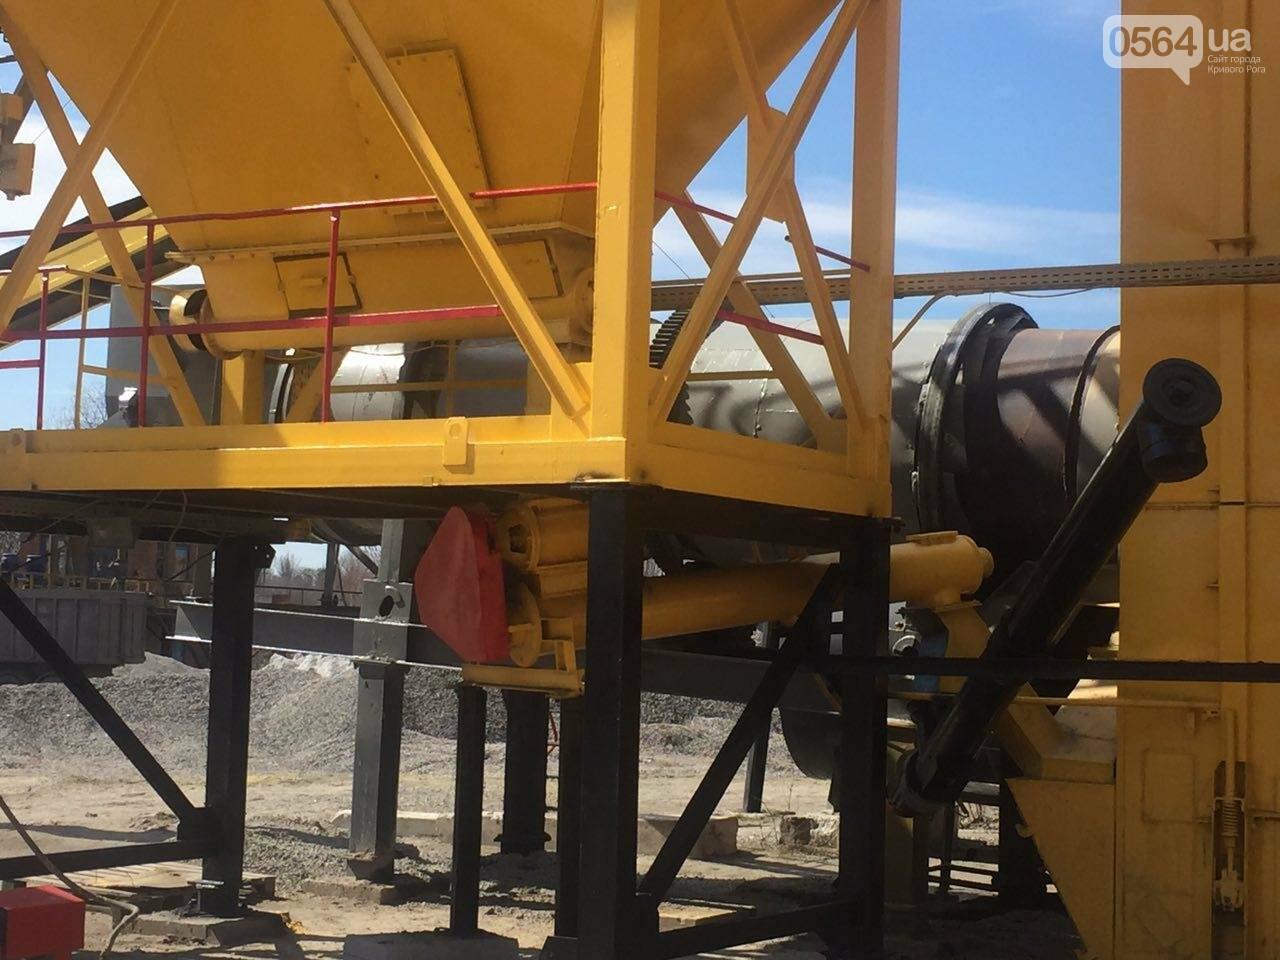 В Кривом Роге запустили первый асфальтный завод и рассказали о планах по ремонту дорог (ФОТО), фото-4